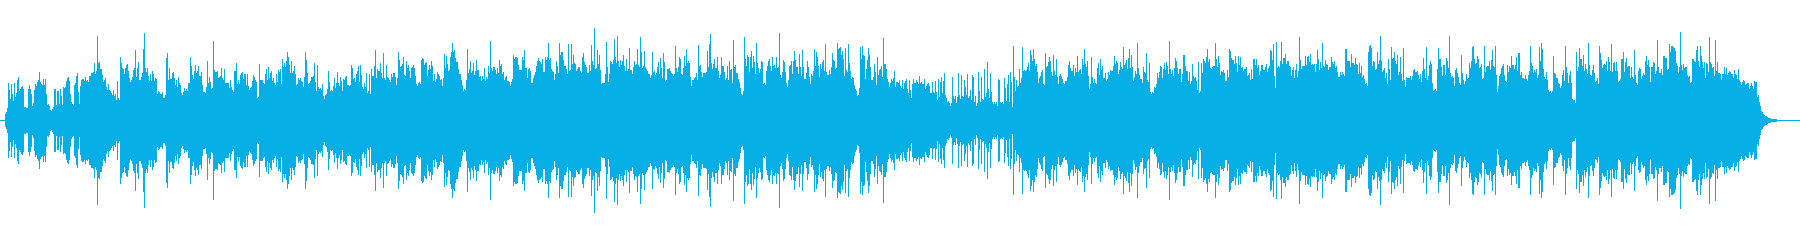 昼下がりのリラックスミュージックの再生済みの波形